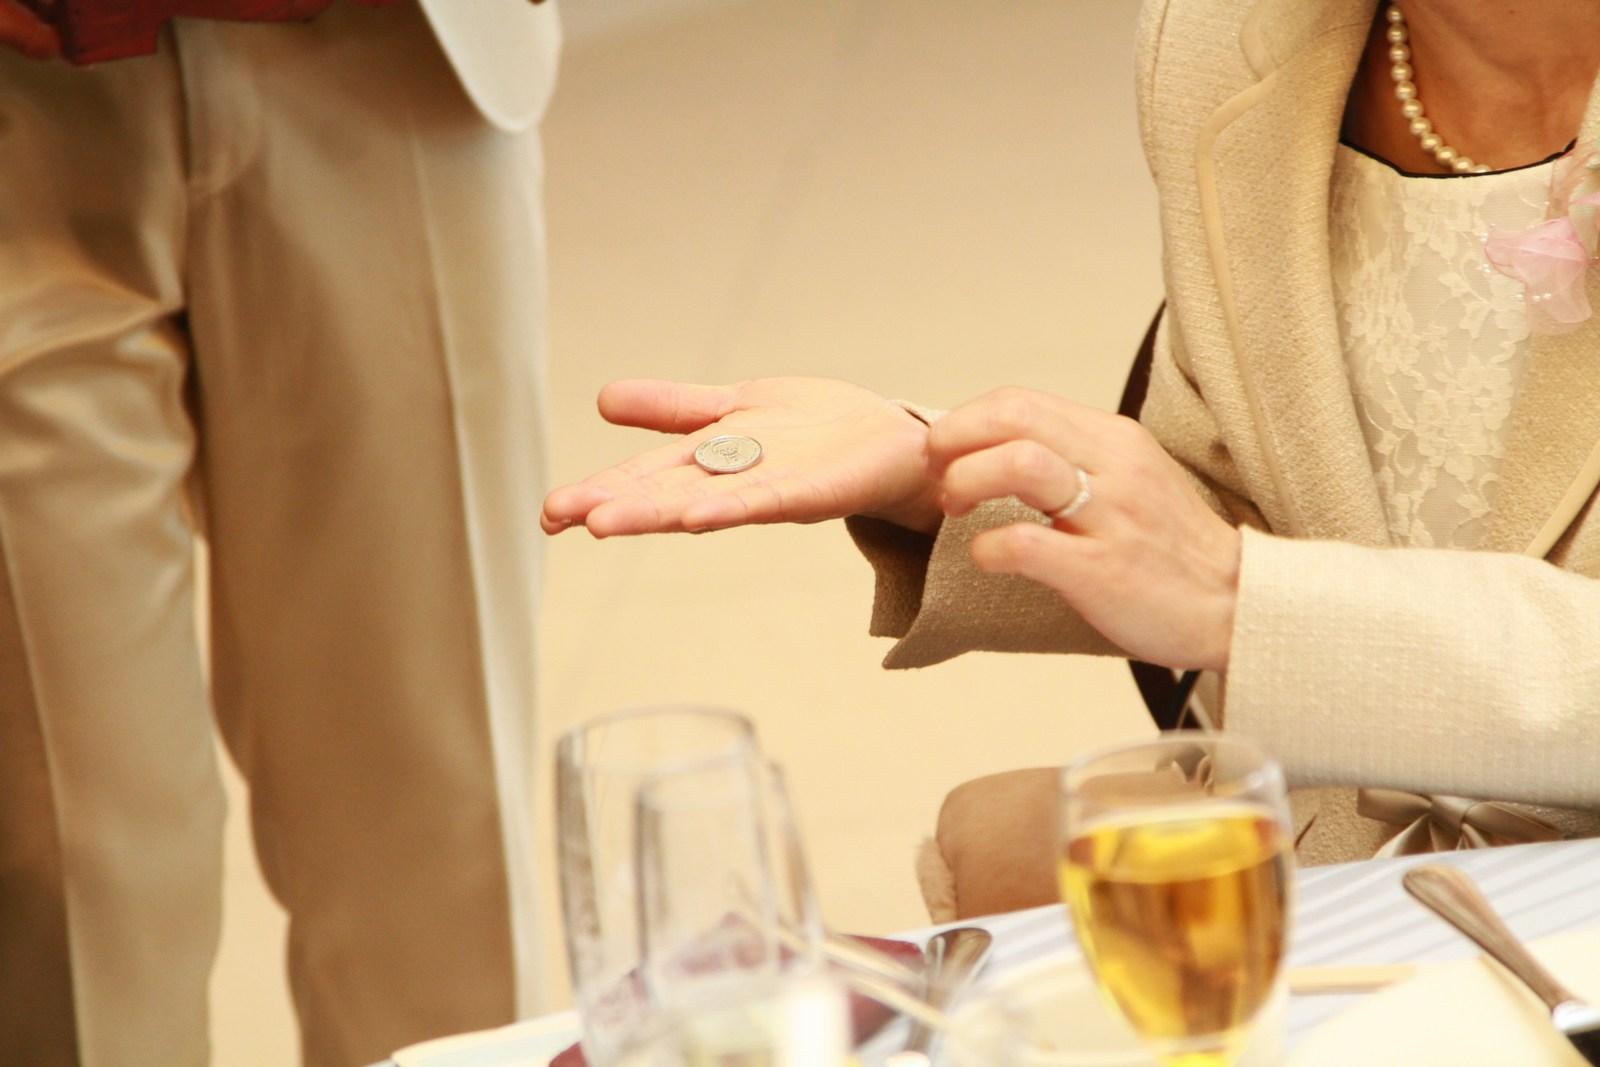 徳島市の結婚式場ブランアンジュで配られた小さなガチャガチャ用のコイン